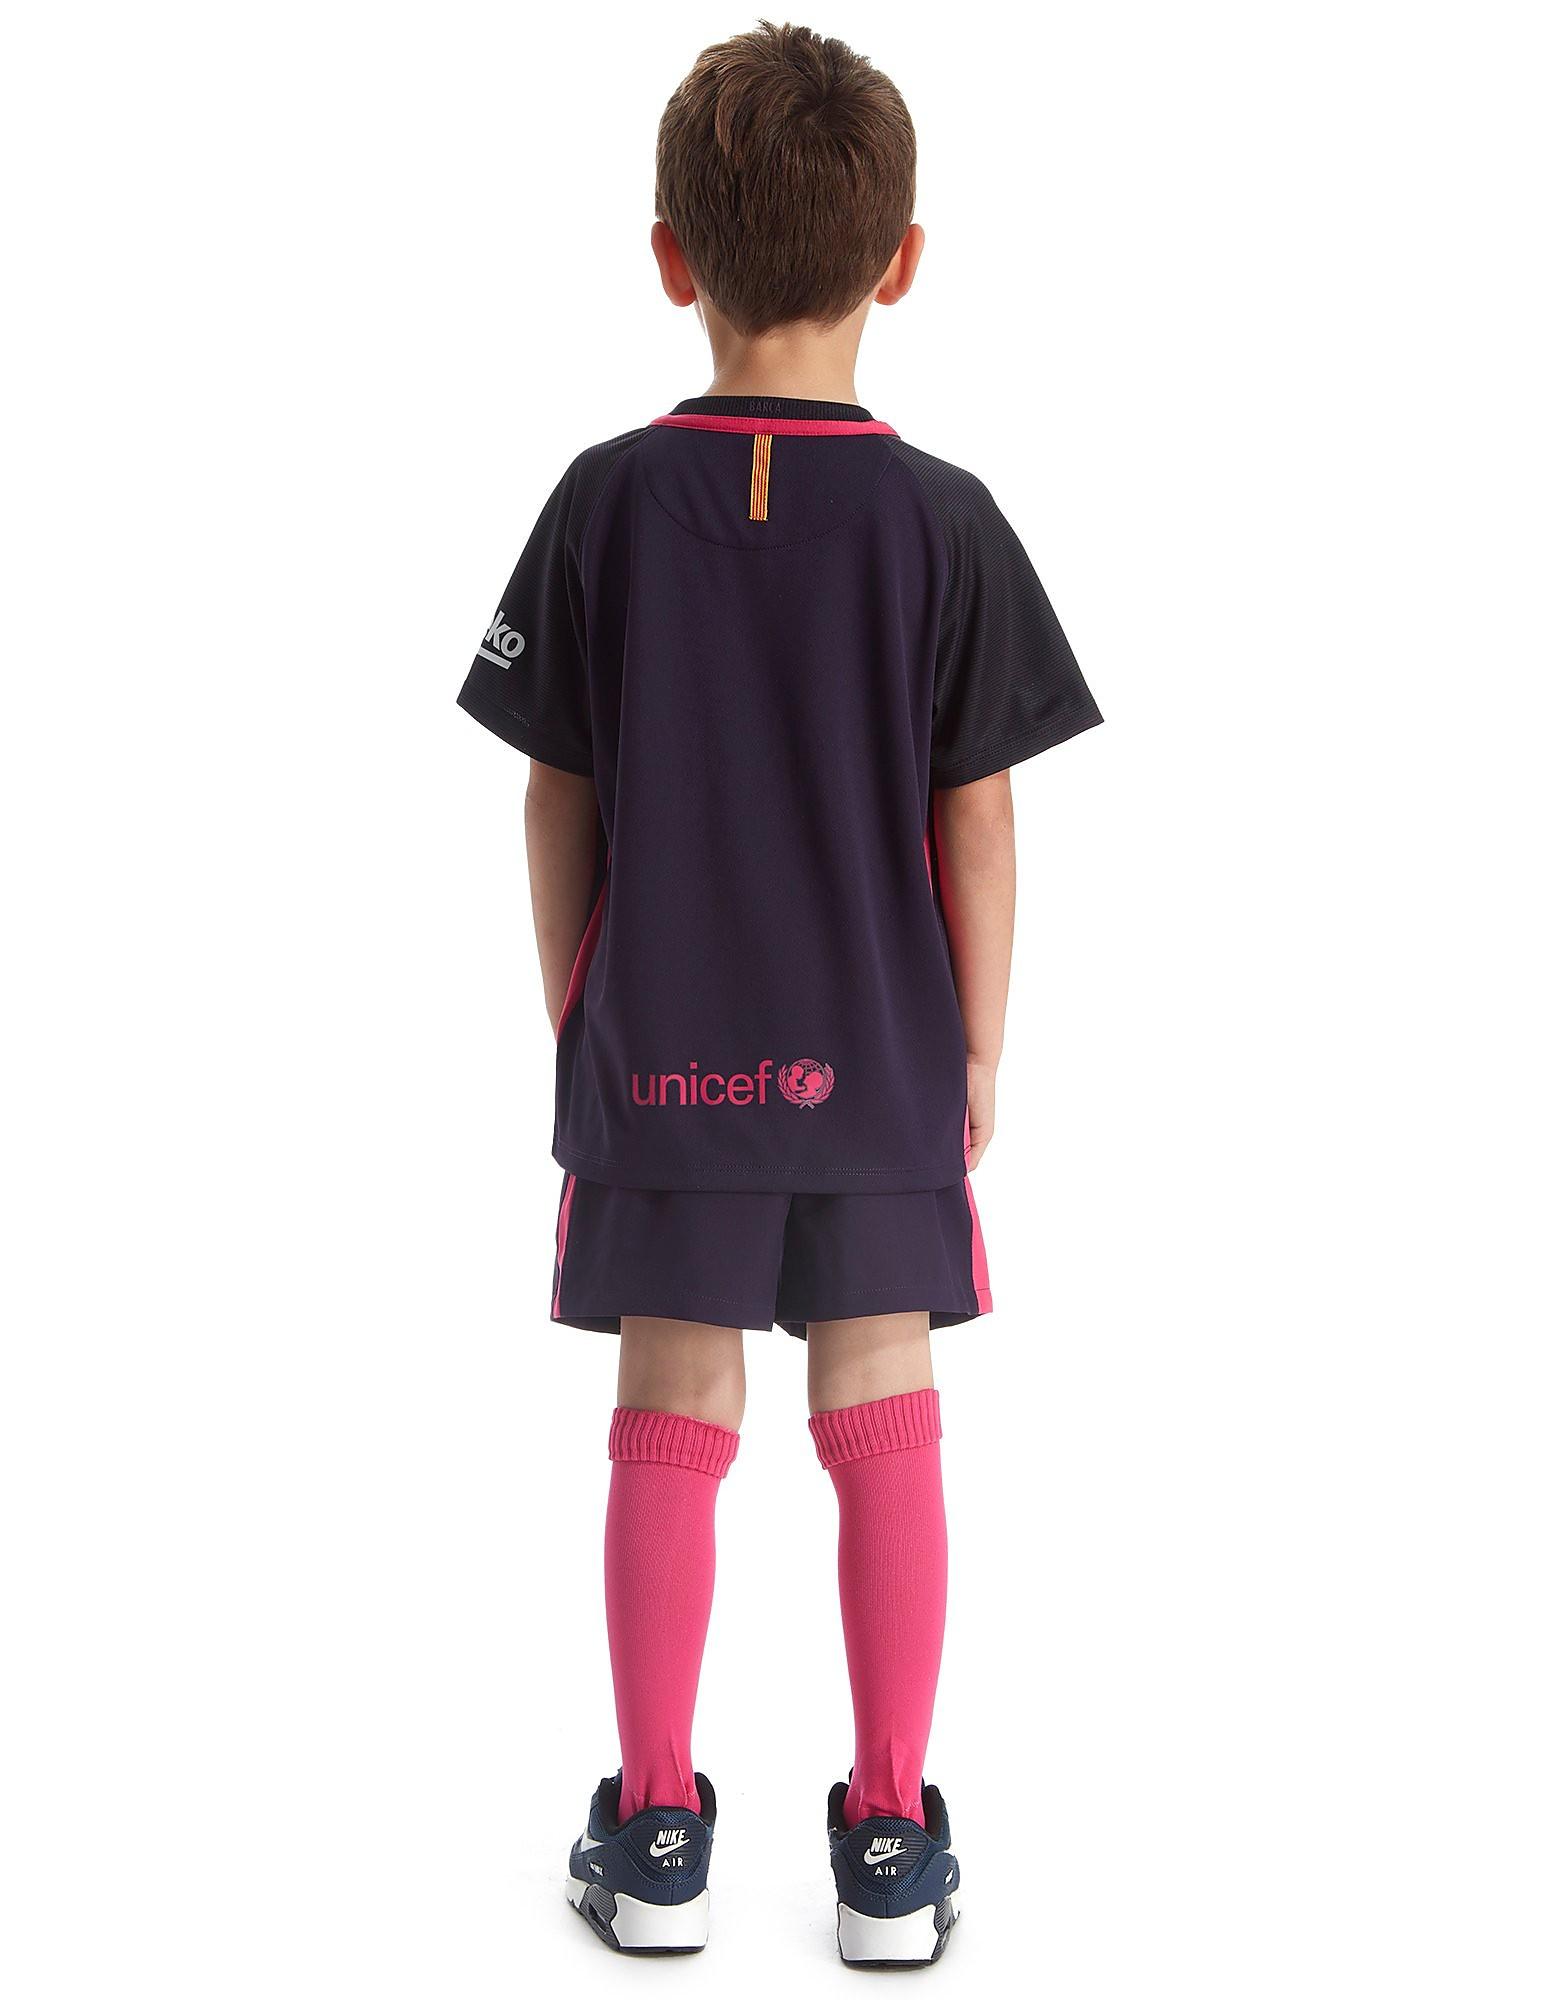 Nike Kit extérieur FC Barcelone 2016/17 enfant